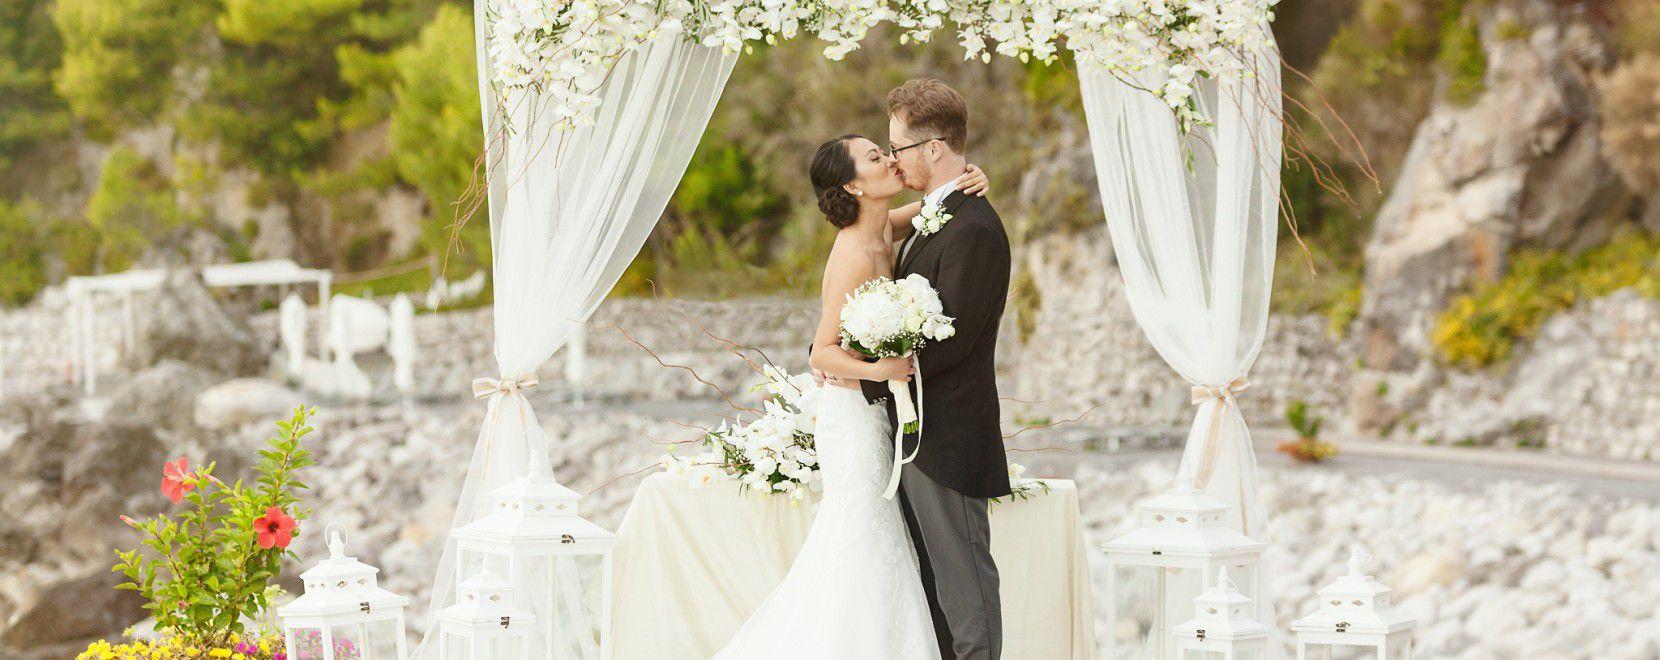 Sorpresa: in Italia i matrimoni crescono (e così pure le spese)